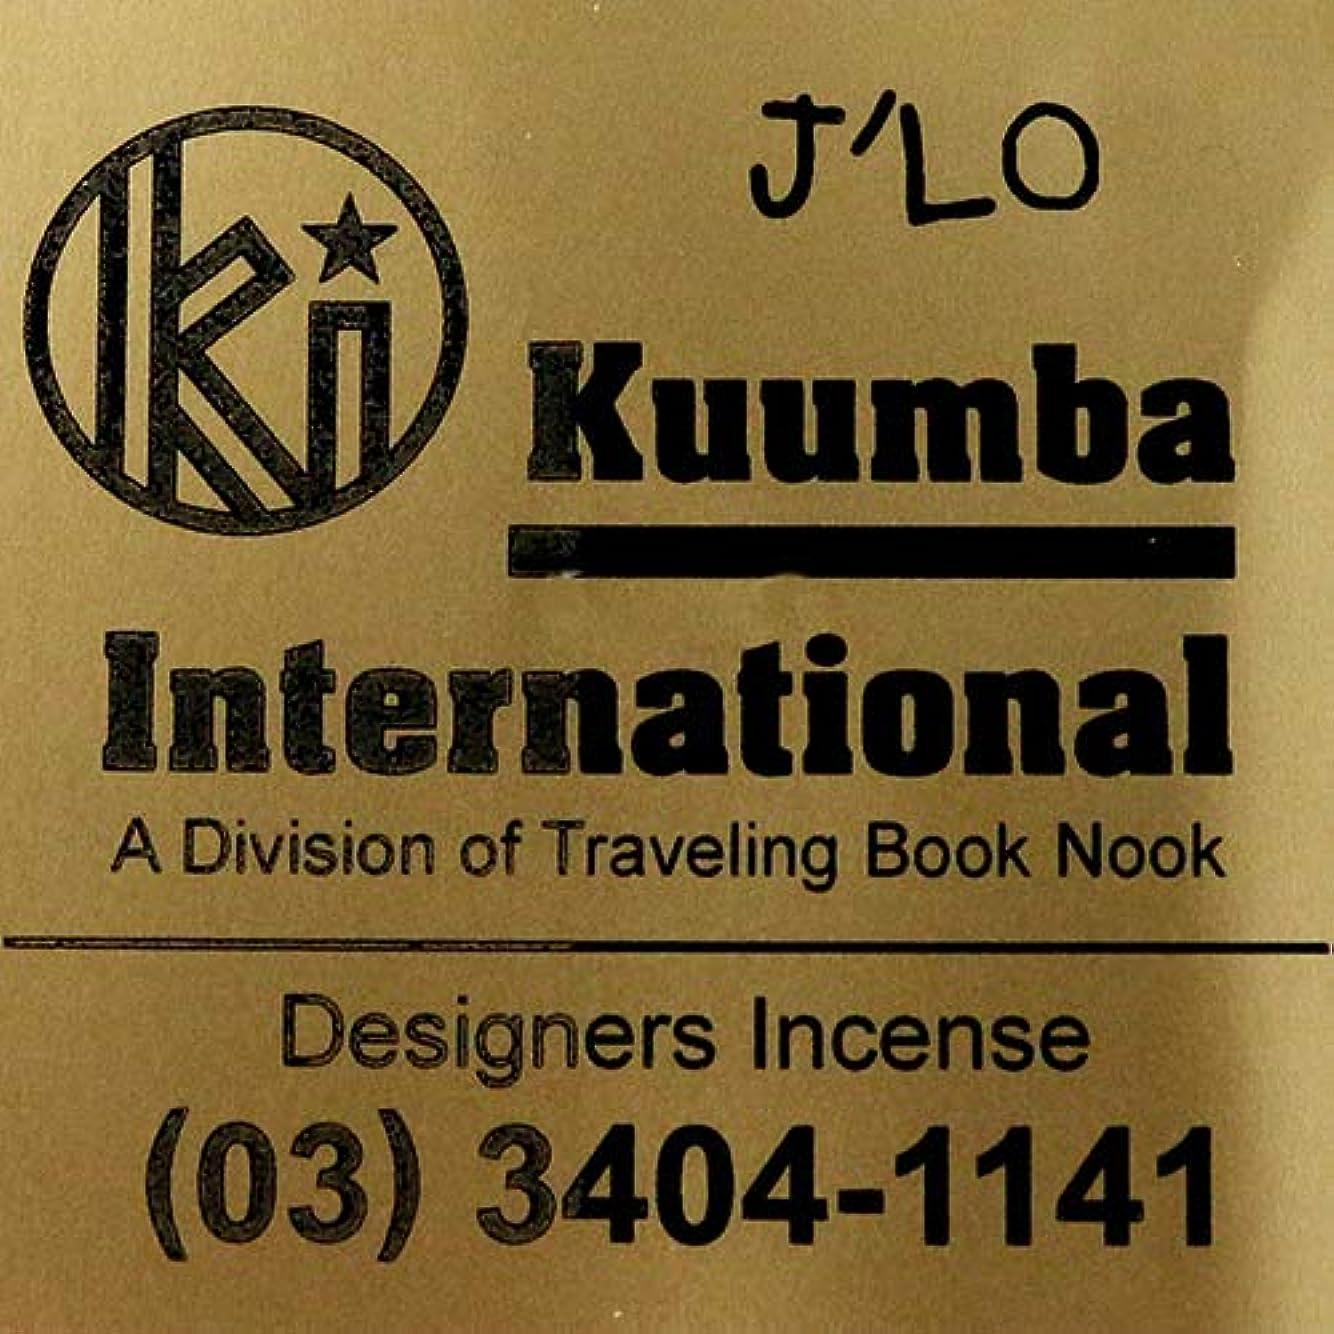 コンテンツ対称ページェント(クンバ) KUUMBA『incense』(J'LO) (J'LO, Regular size)